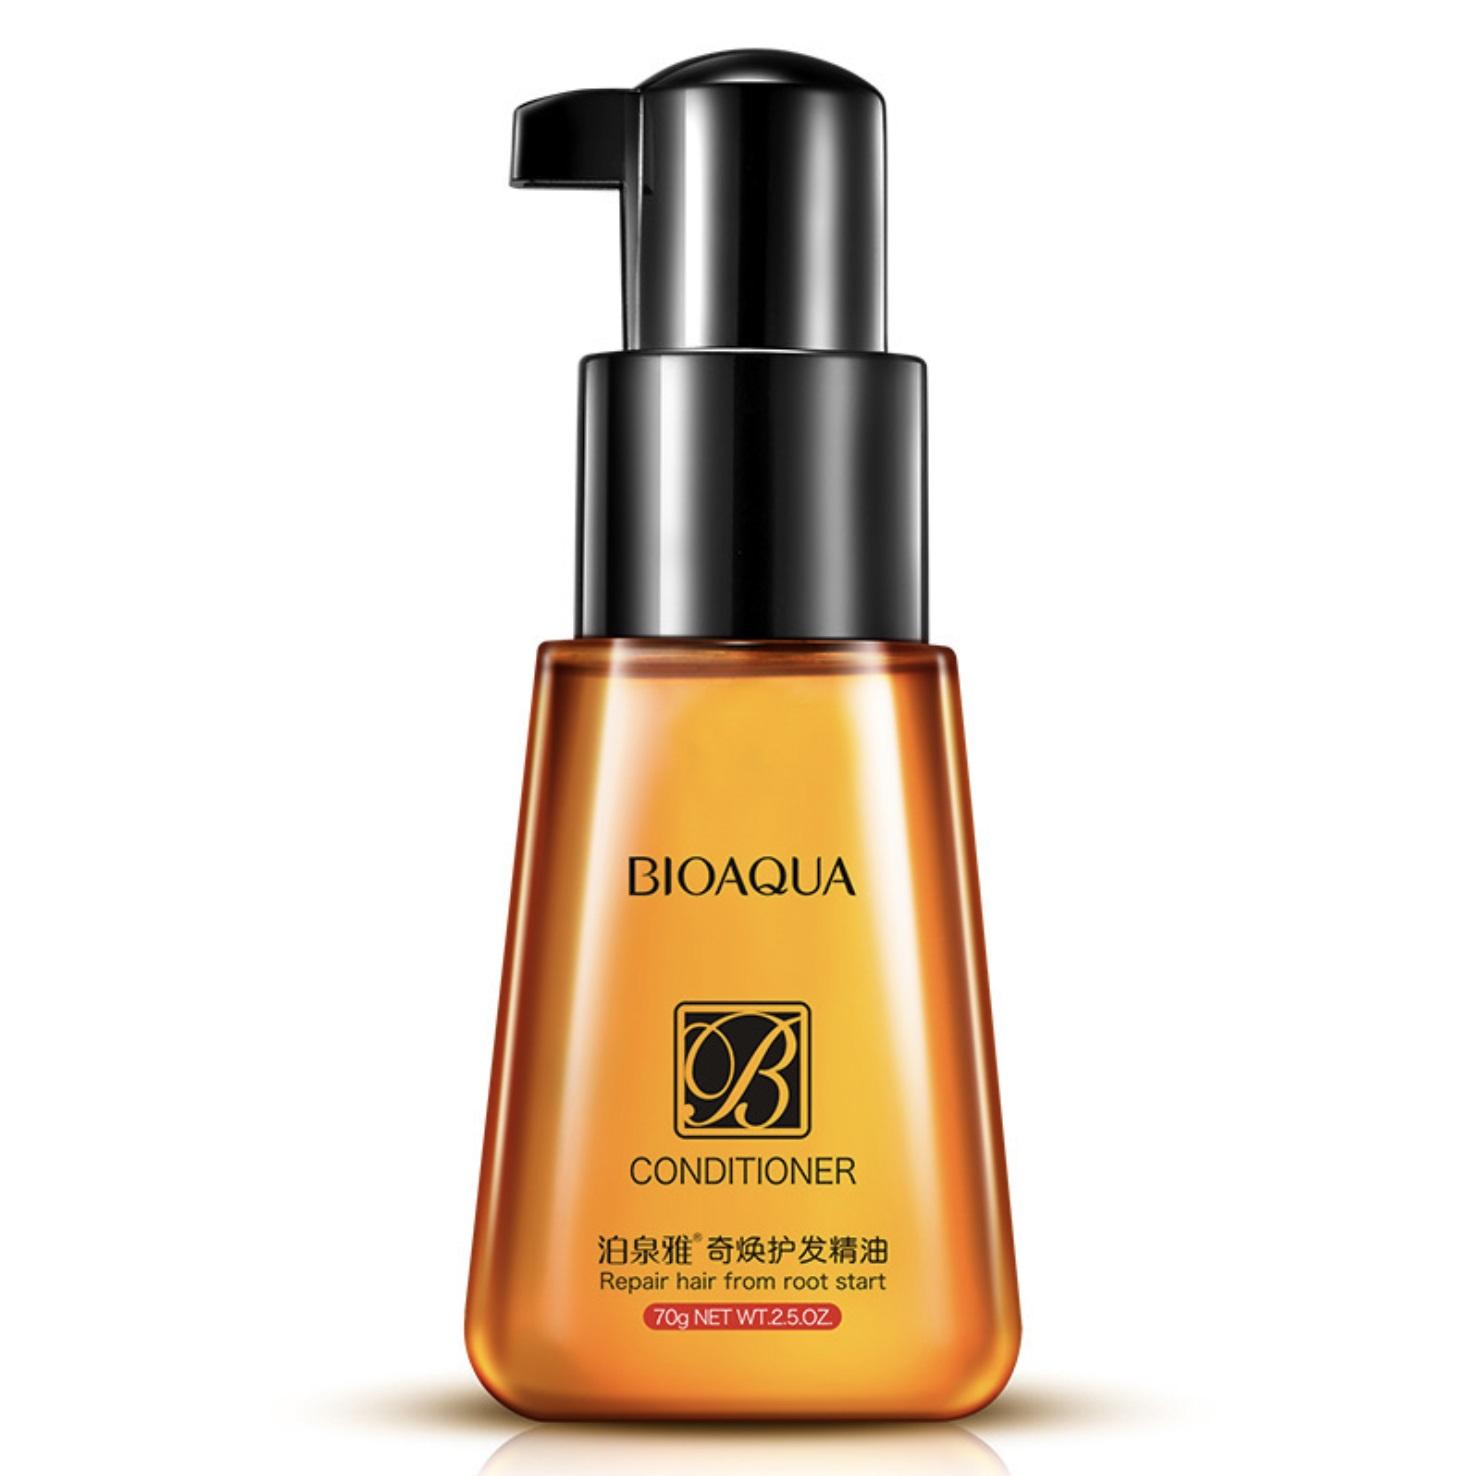 BIOAQUA Флюид для гладкости и блеска волос 70 мл -  Флюиды